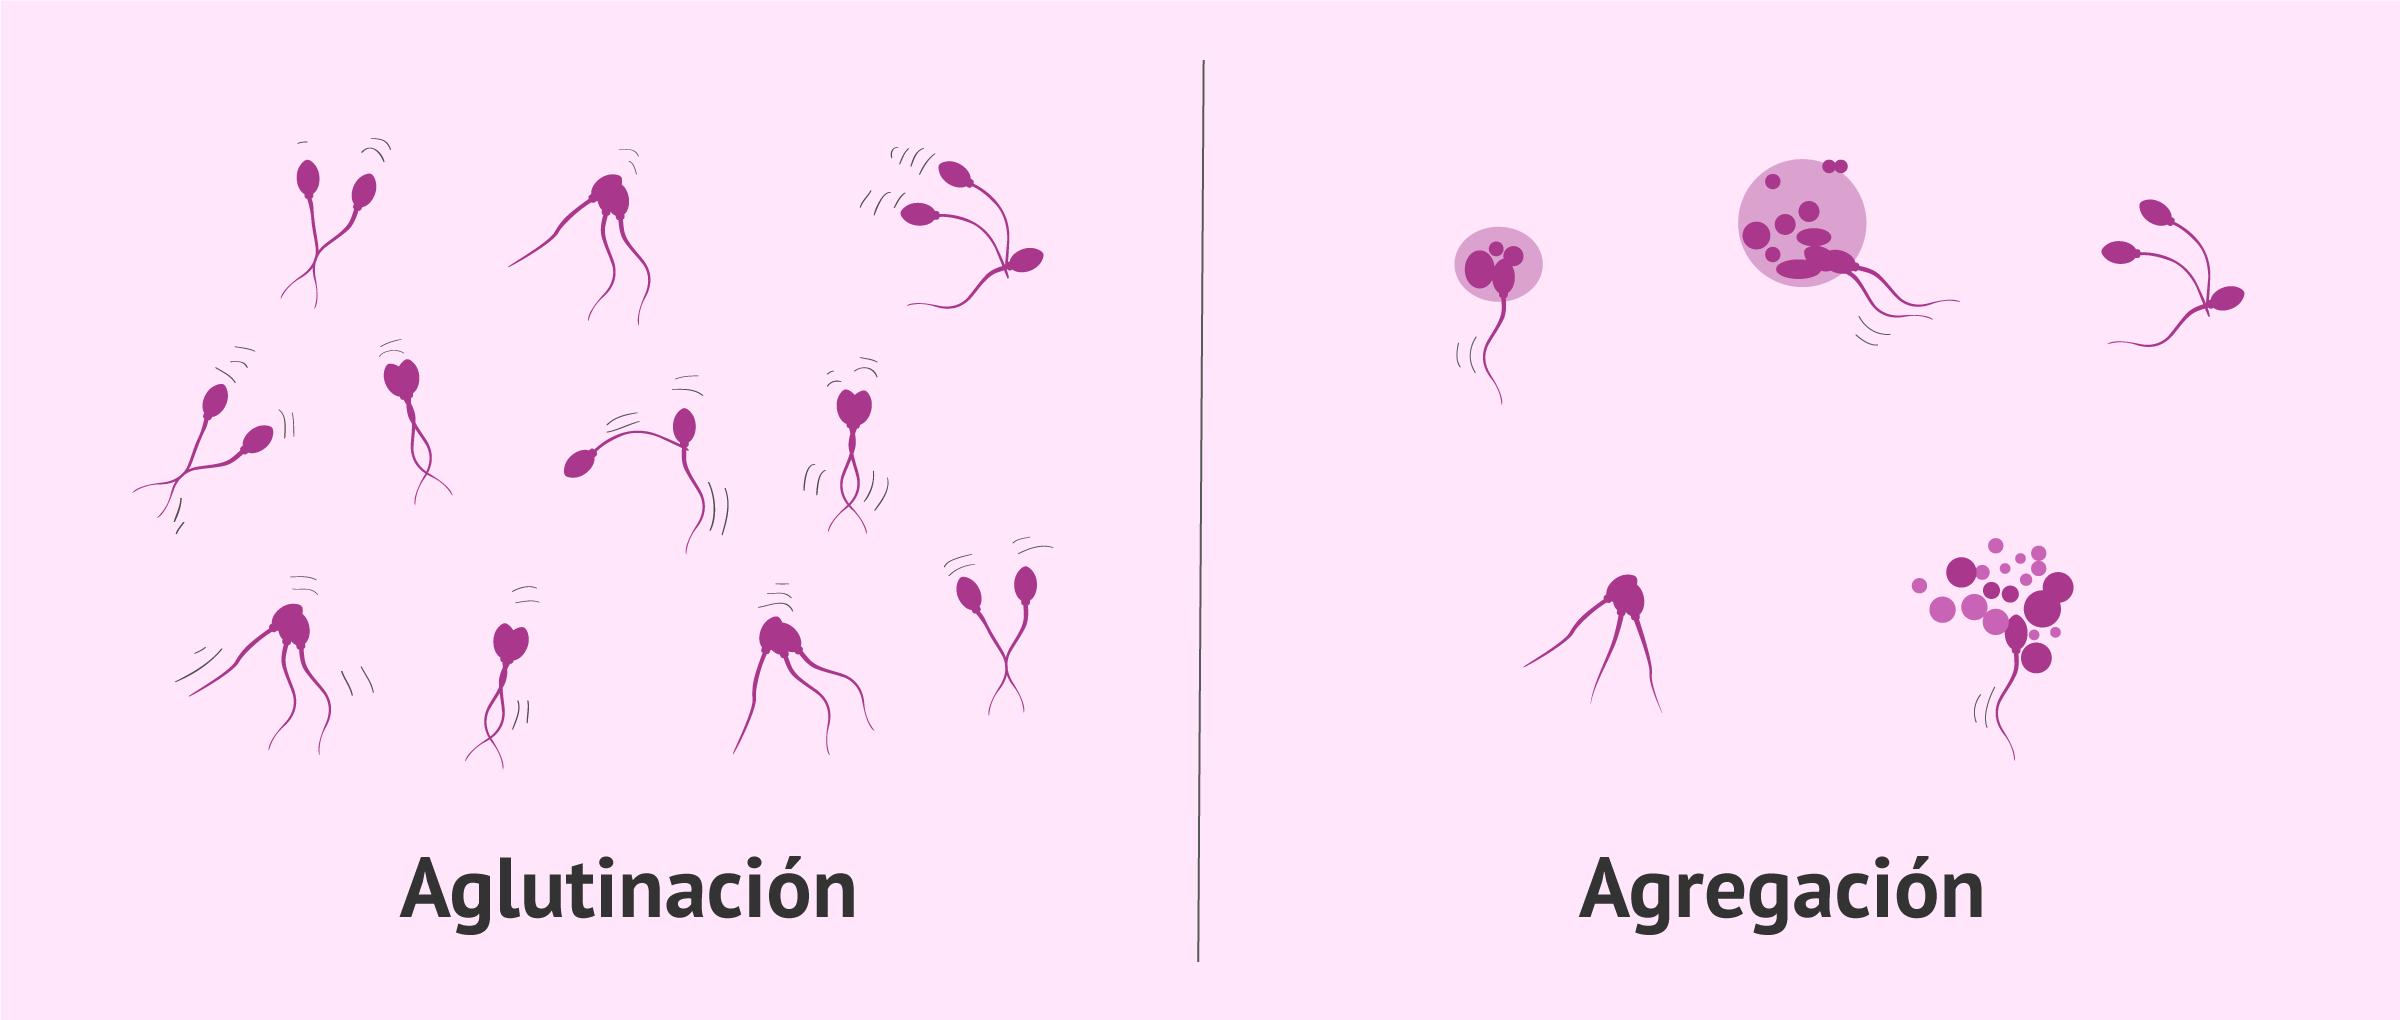 Diferencia entre aglutinación espermática y agregación